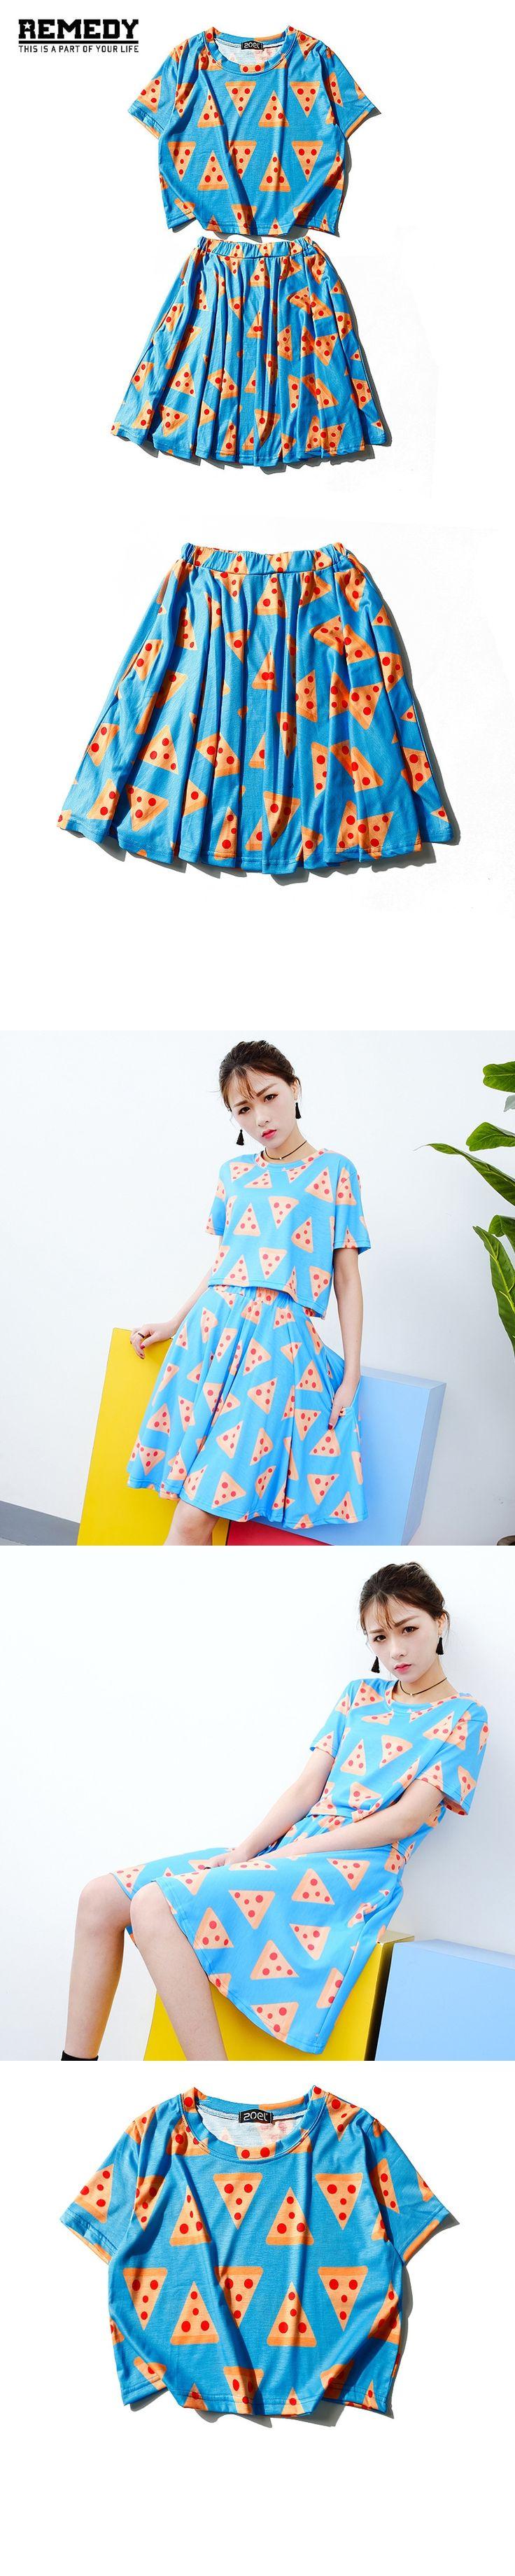 Women Set 2017 New Brand Tracksuit crop top and skirt set Summer Cute Pizza T-shirt & Mini Dress Ladies 2 piece set women Girls